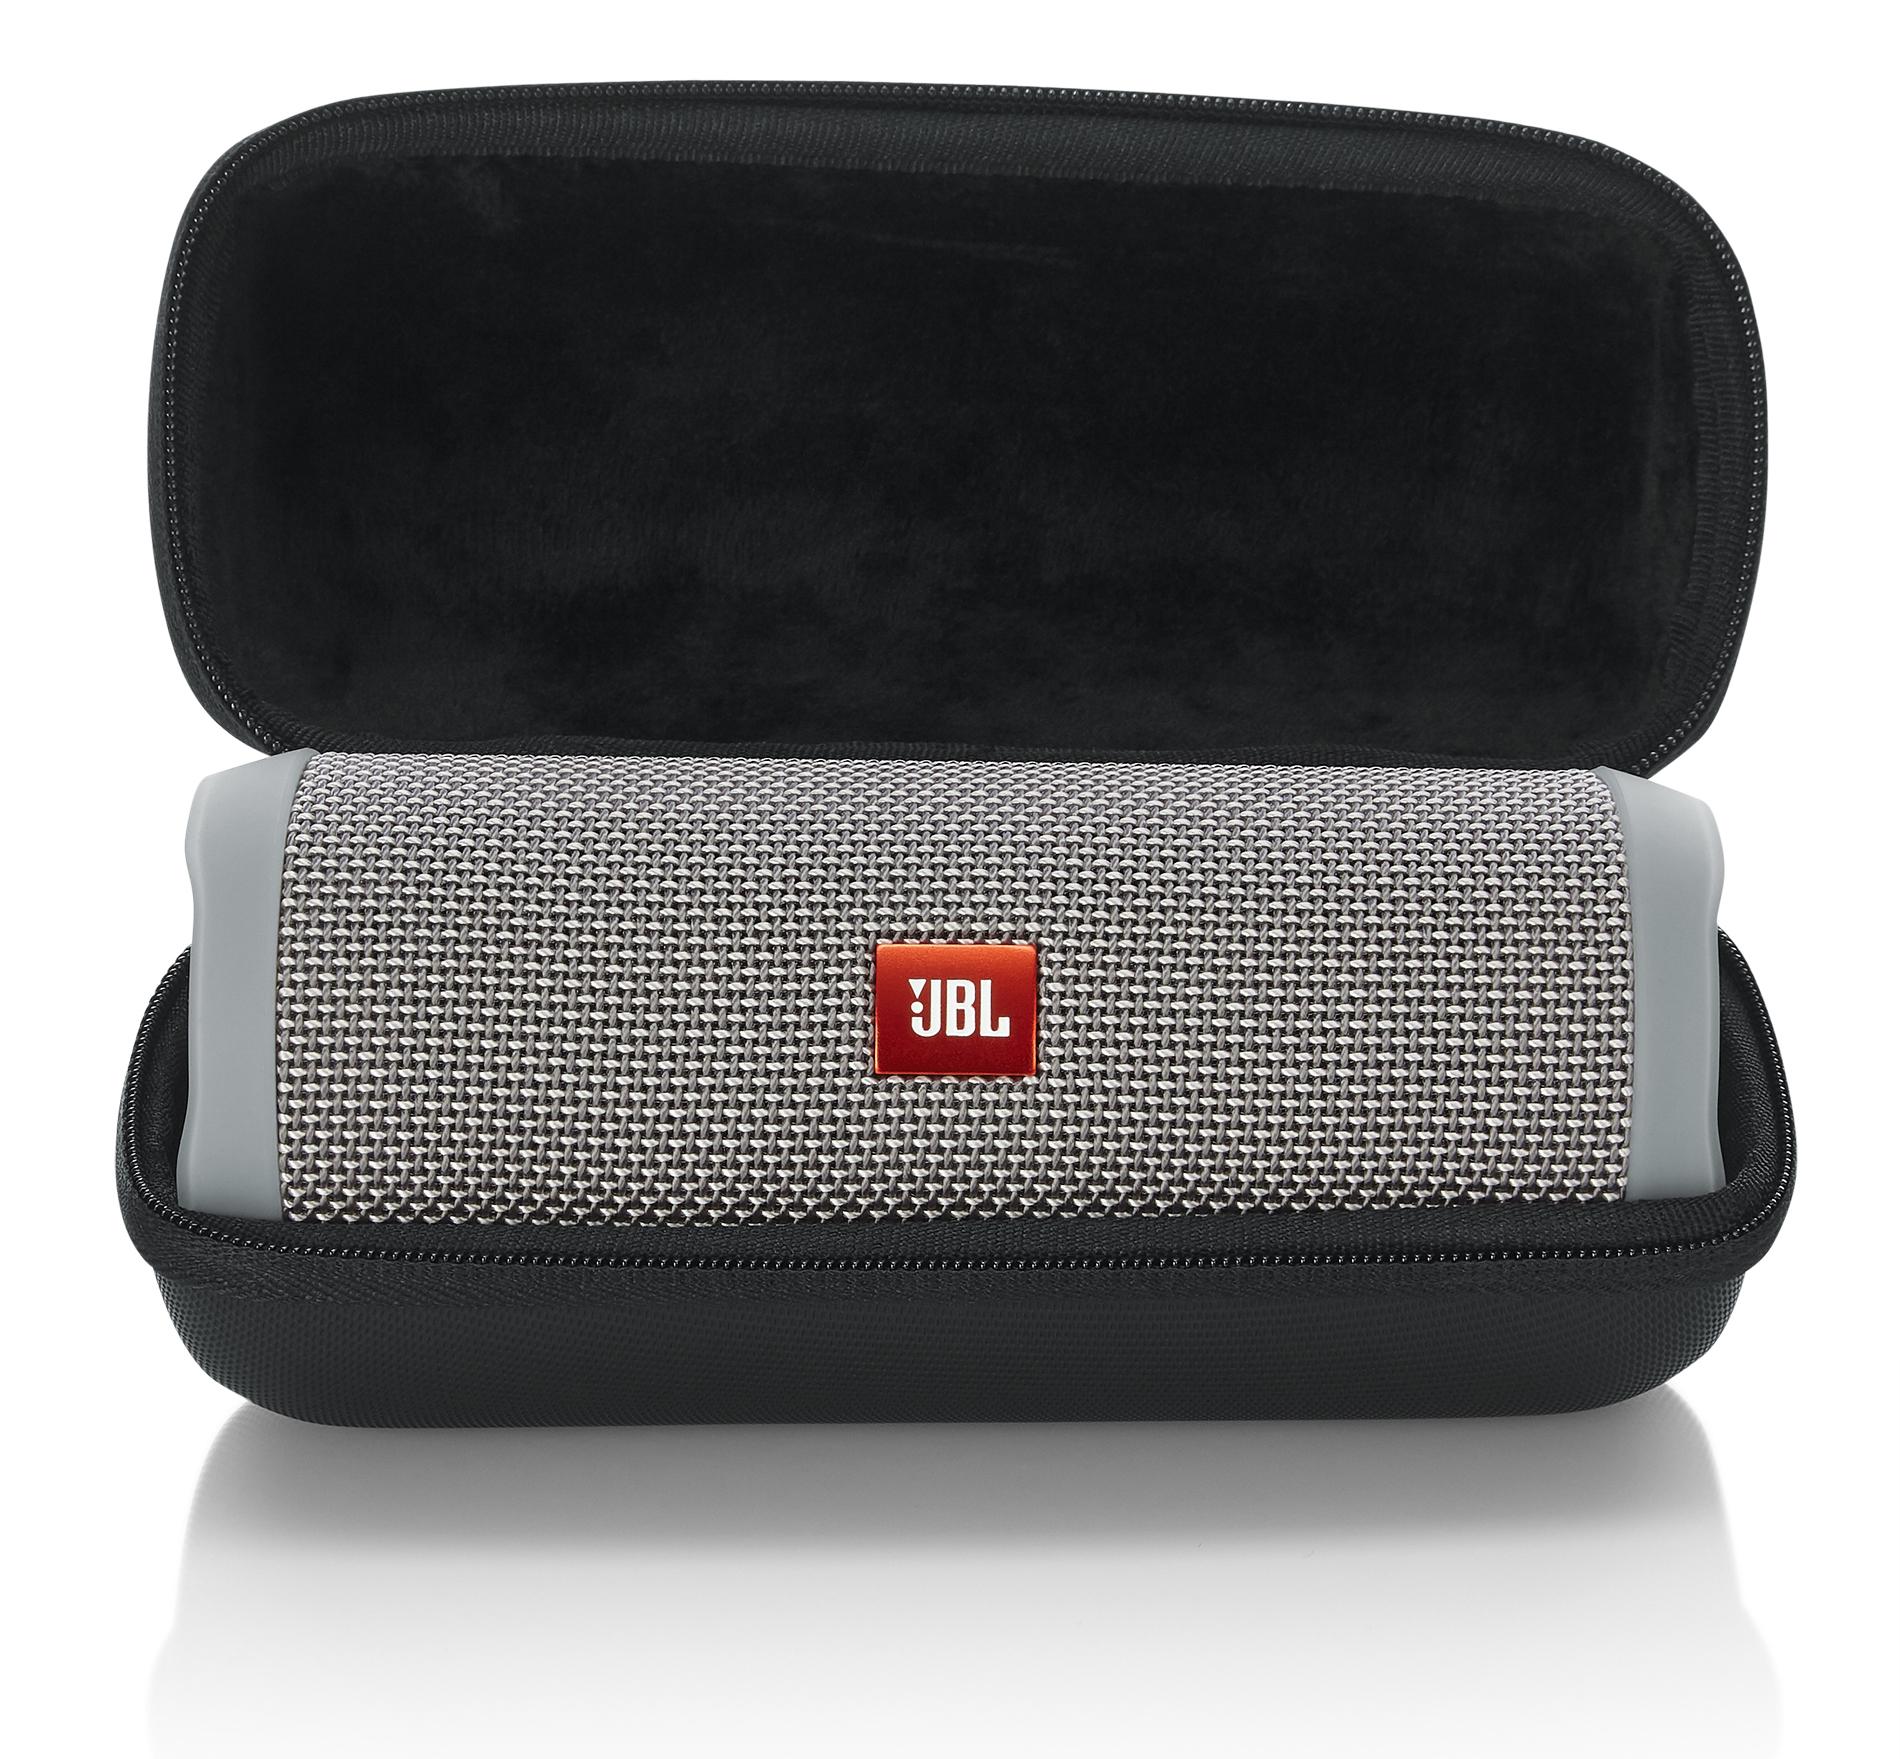 JBL FLIP 4 Case Open with Speaker